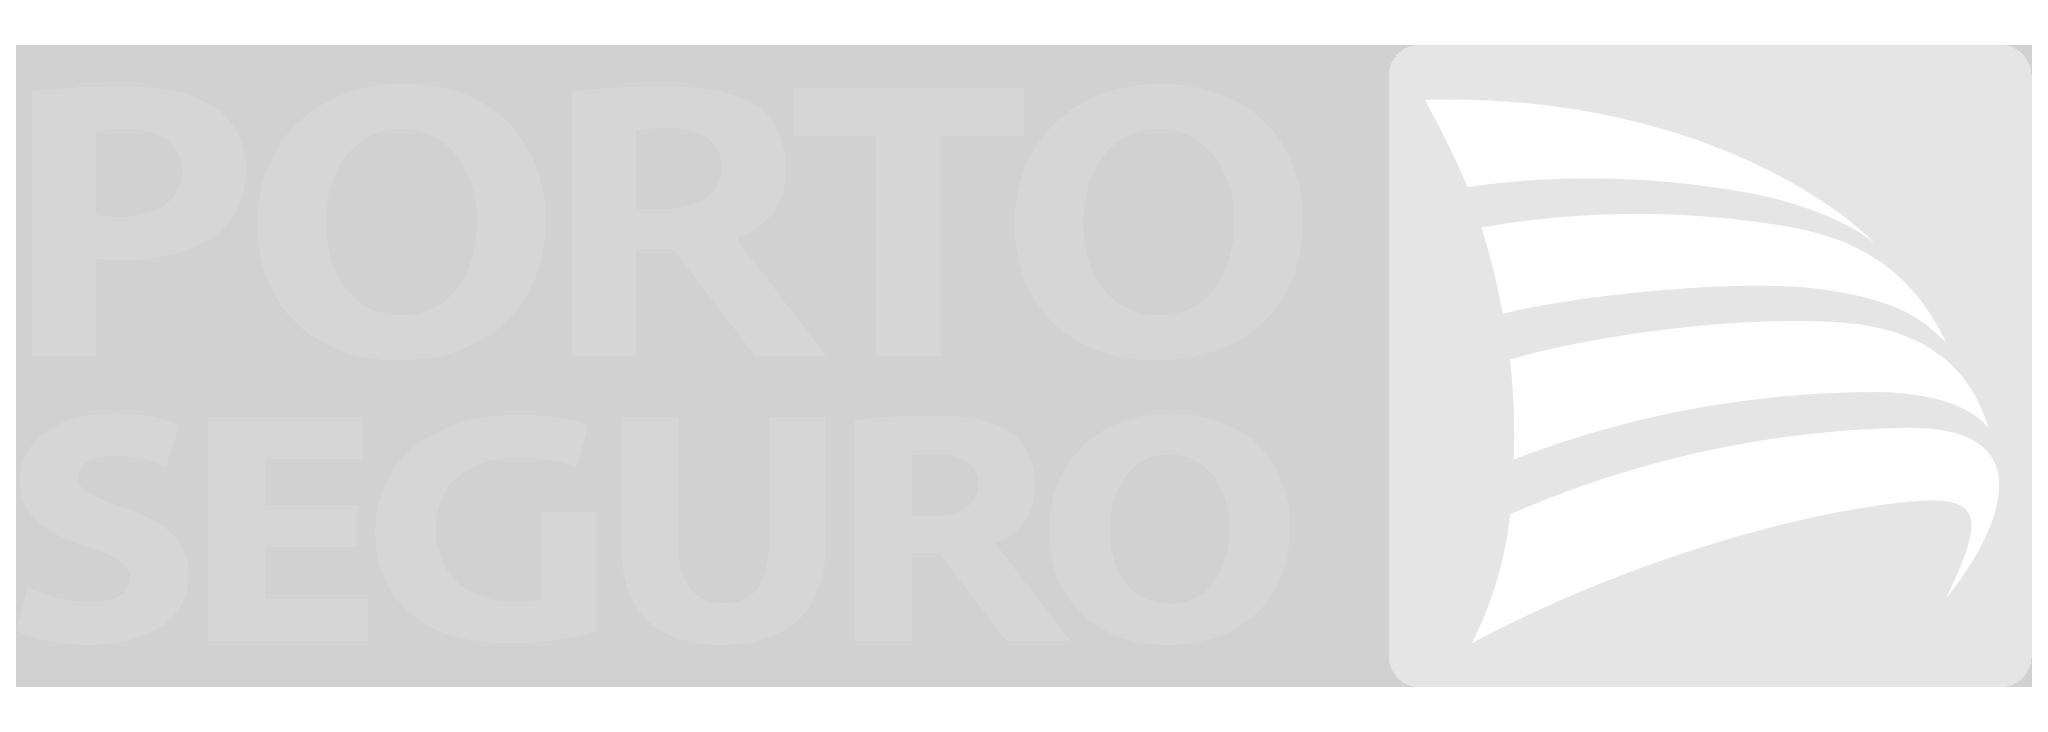 porto-seguros